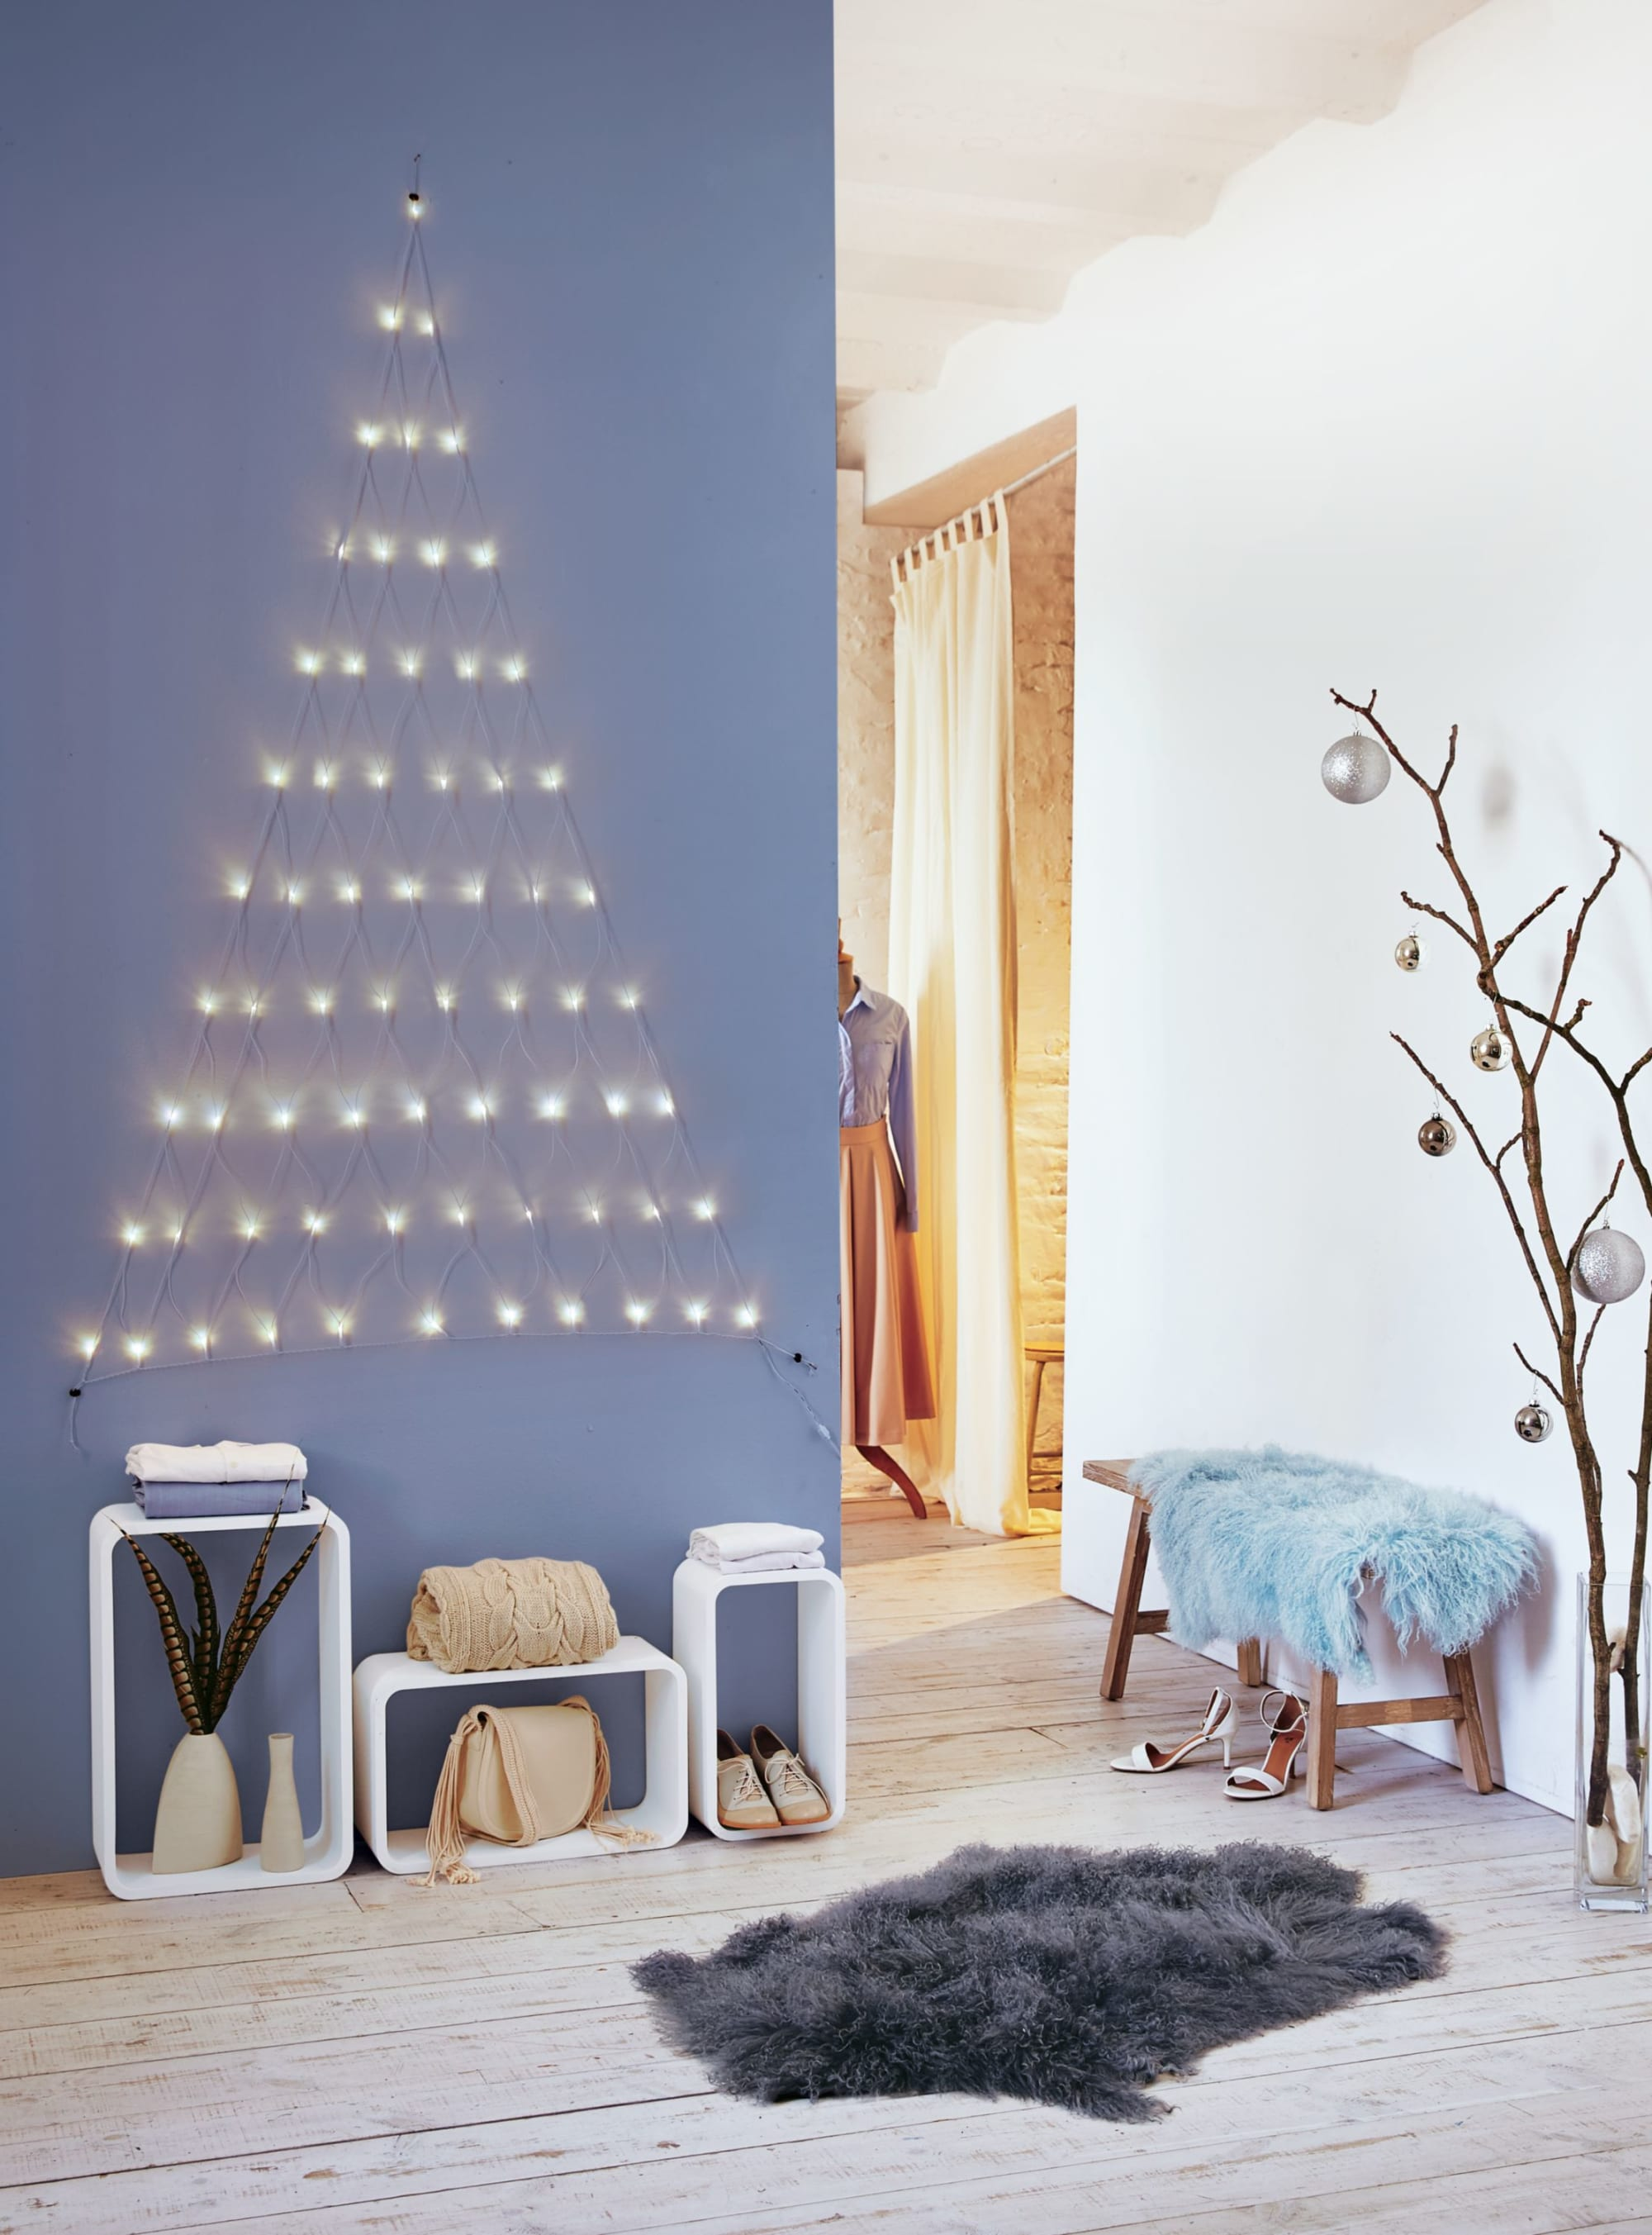 Tannenbaum Beleuchtet Kunststoff.Led Vorhang Tannenbaum Beleuchtet Kunststoff Kupfer 66 Led Ca B140x H150 Cm